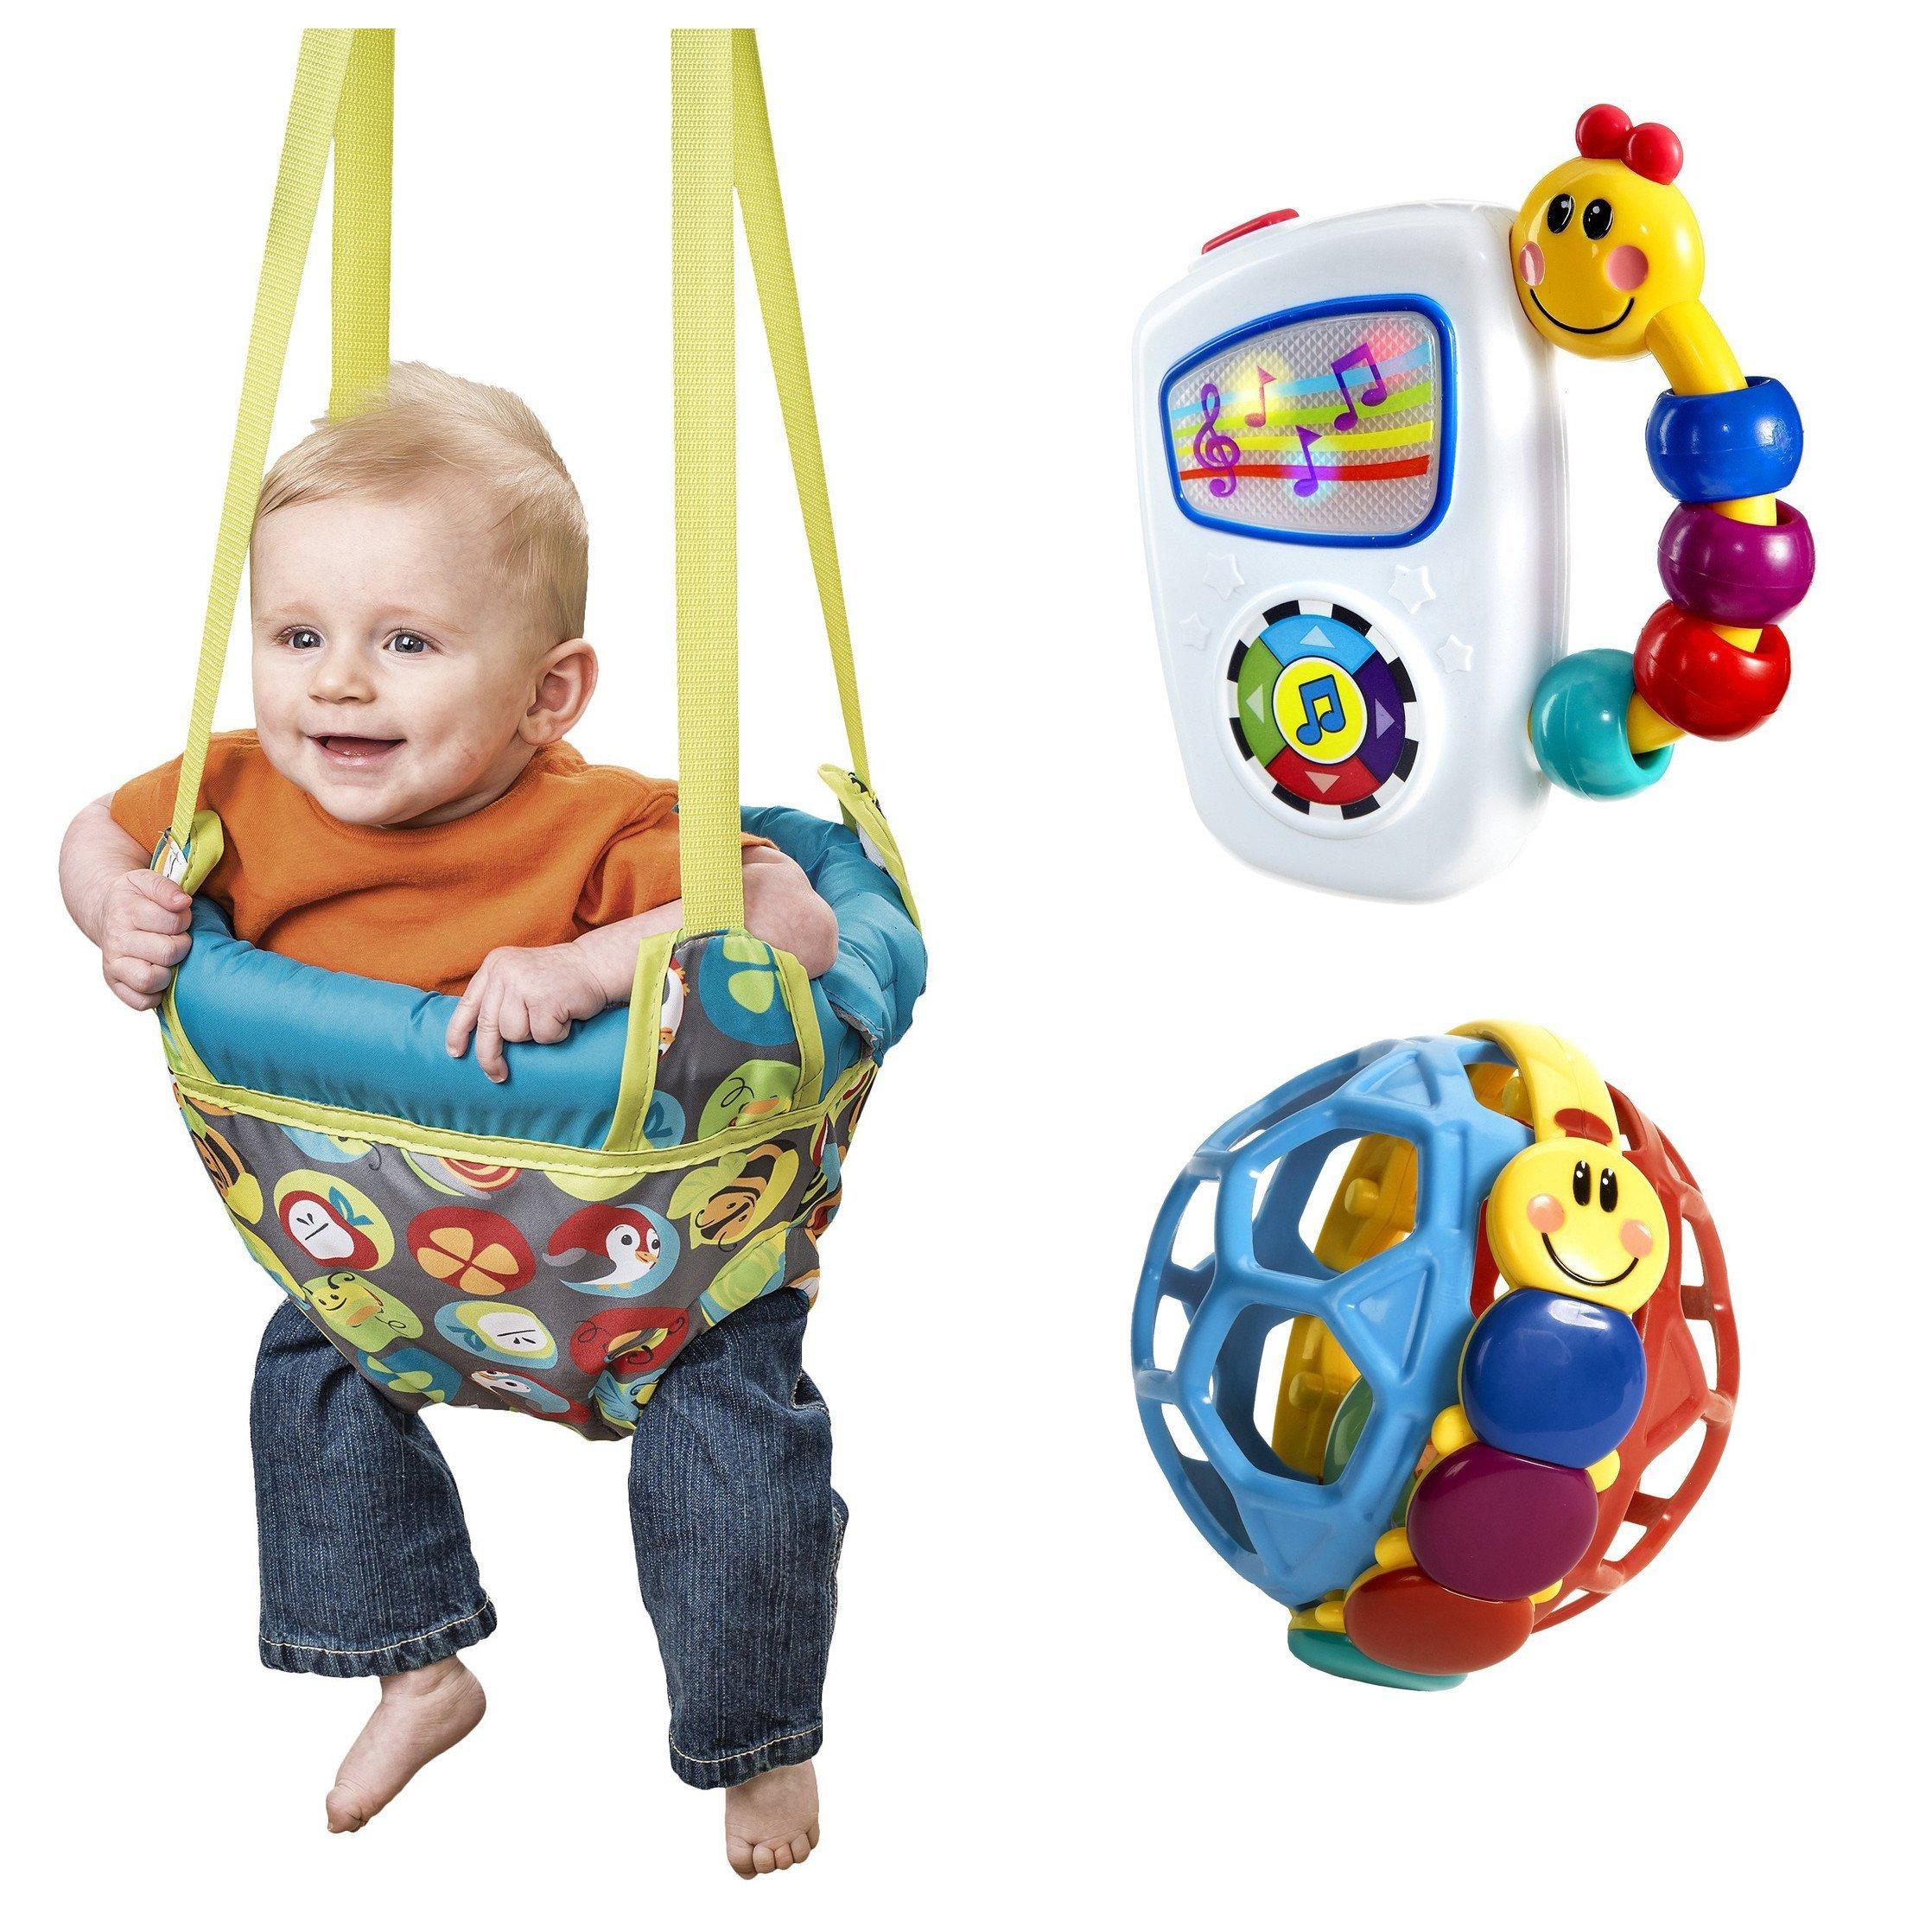 b8e1762b77f8 Cheap Toys Baby Einstein